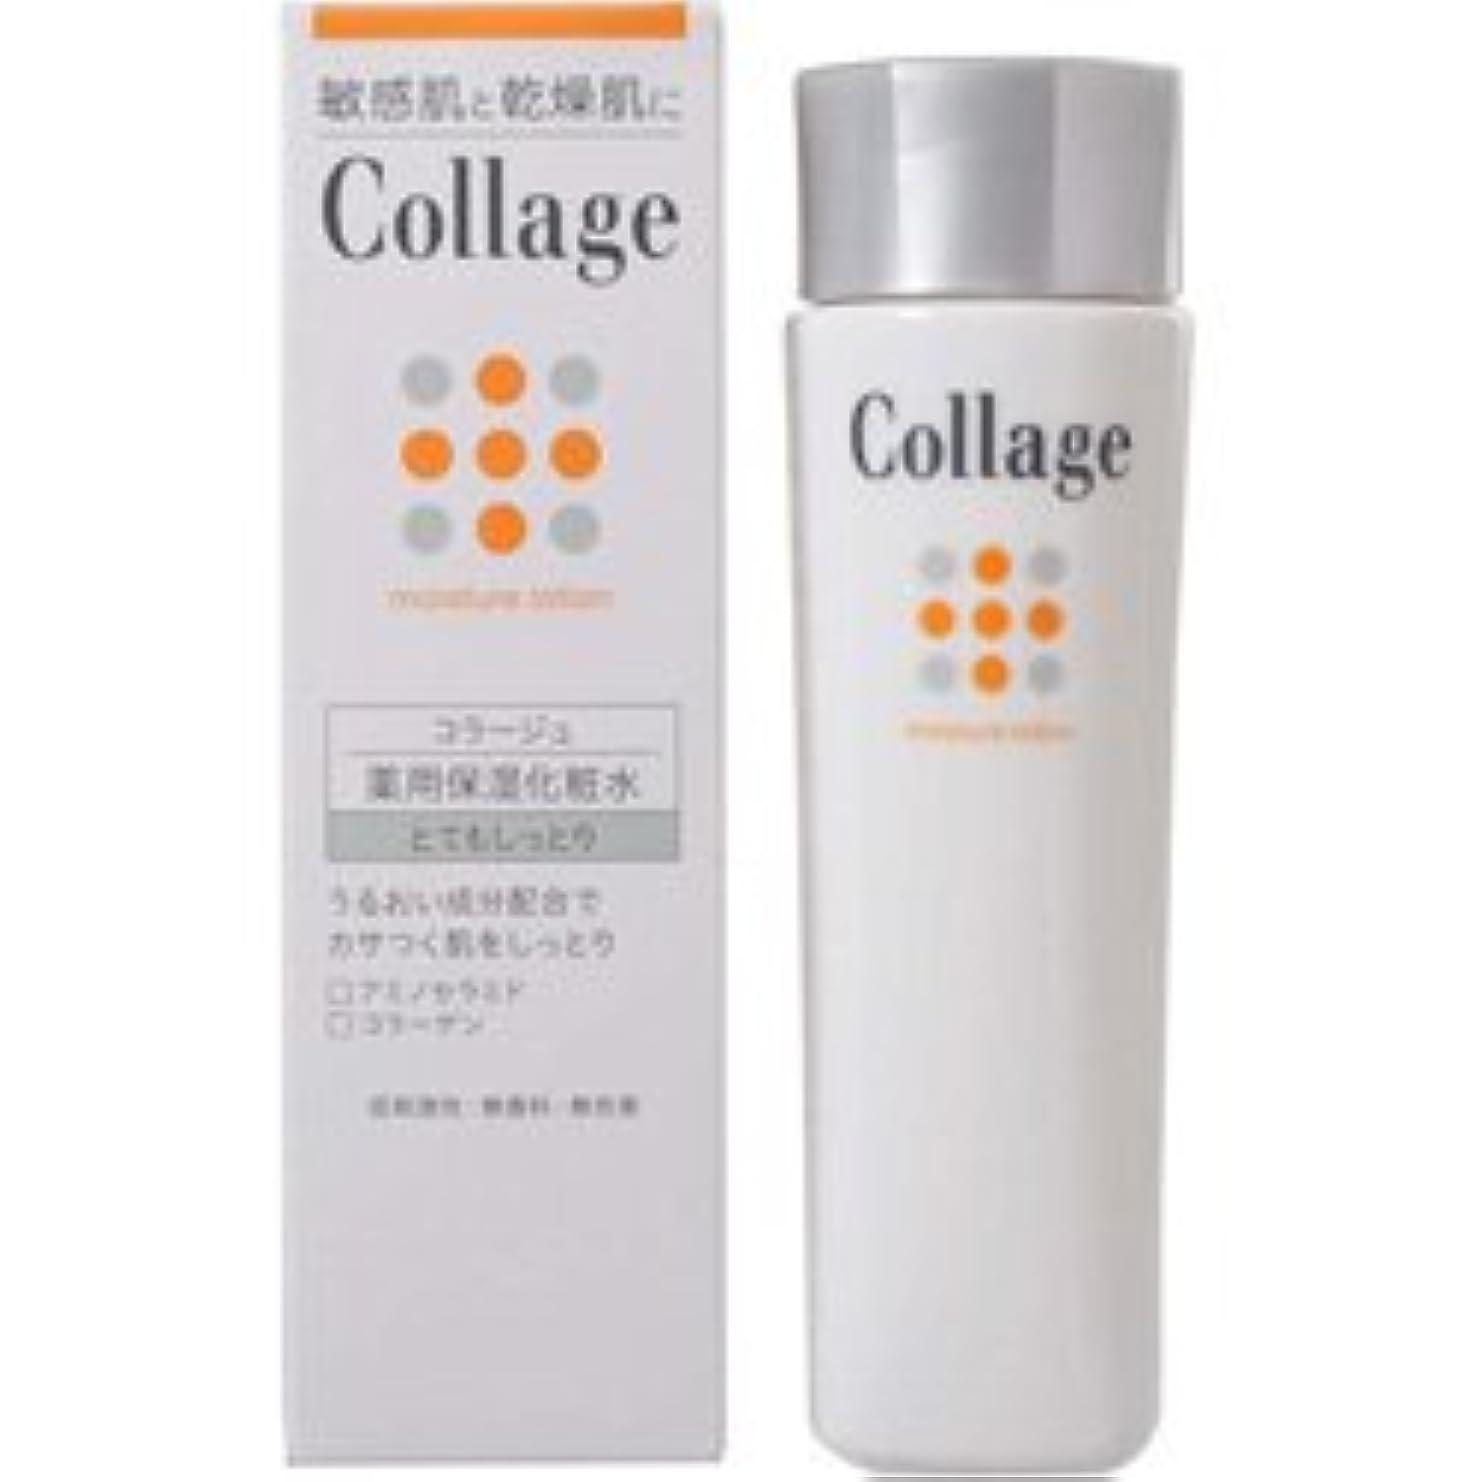 本当に歯科の三【持田ヘルスケア】 コラージュ薬用保湿化粧水 とてもしっとり 120ml (医薬部外品) ×3個セット